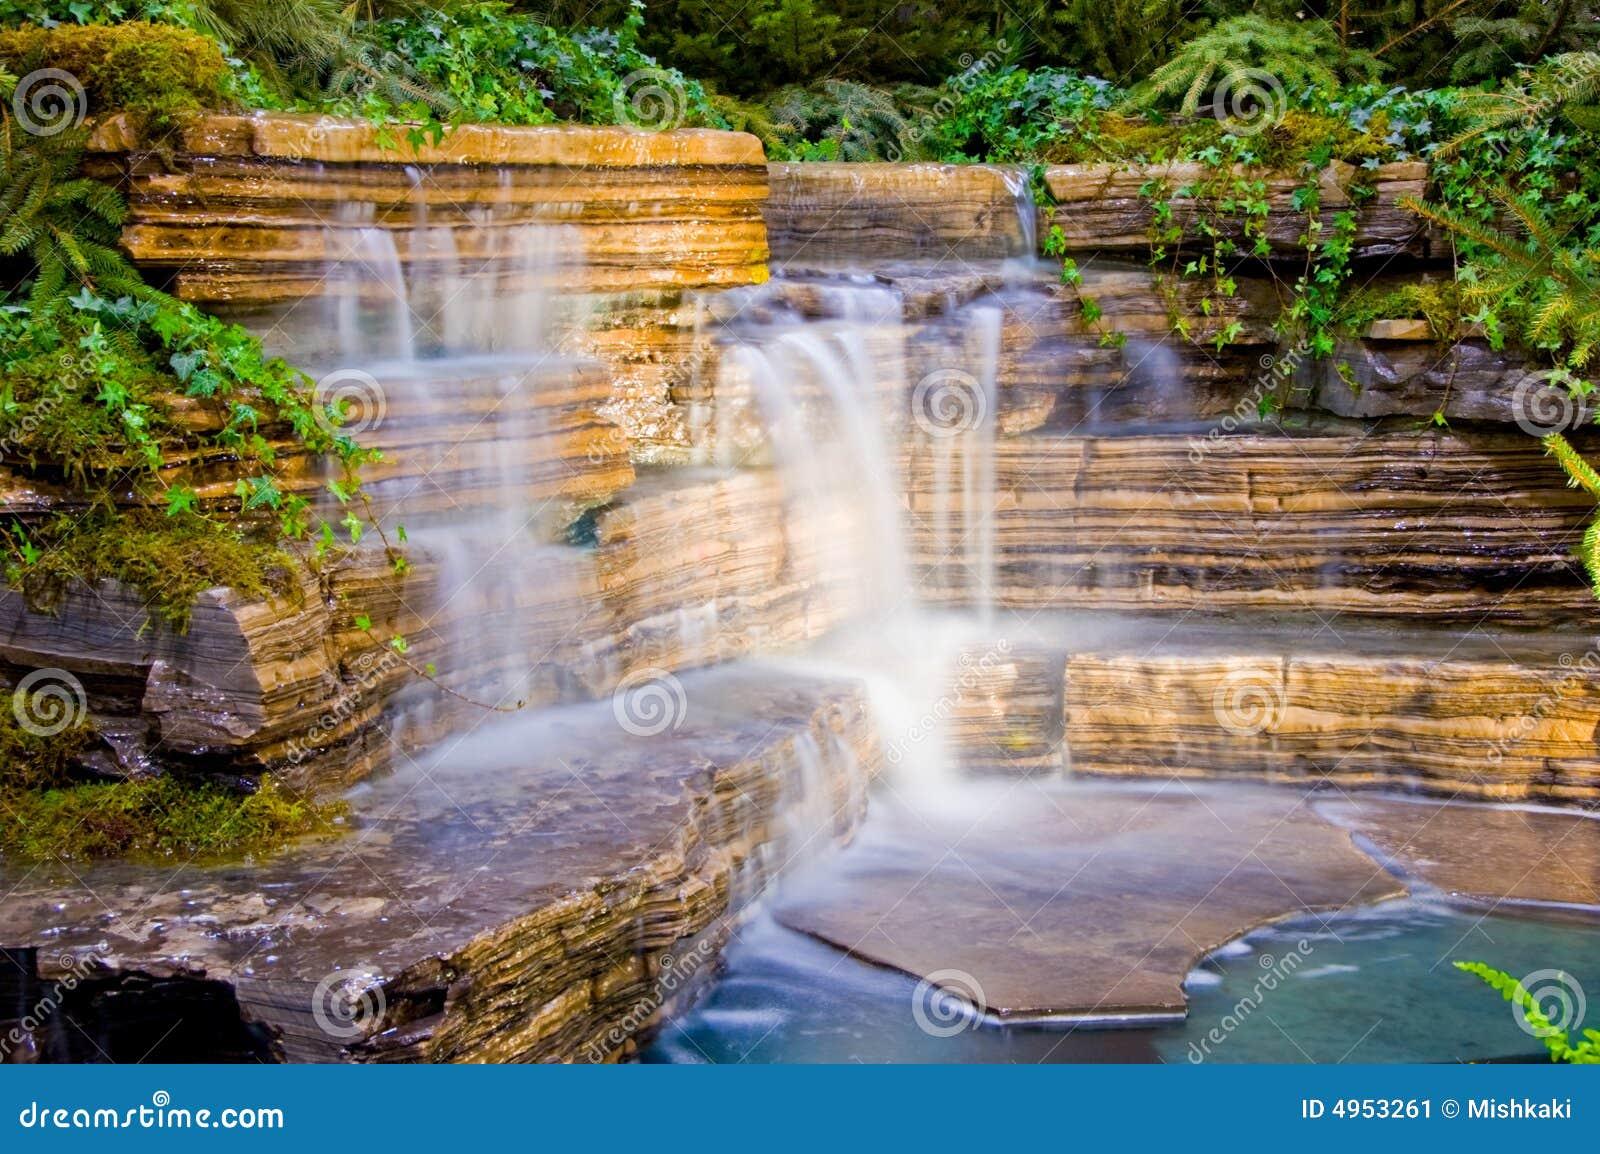 Waterval In Tuin : Tuin en waterval stock afbeelding. afbeelding bestaande uit droom